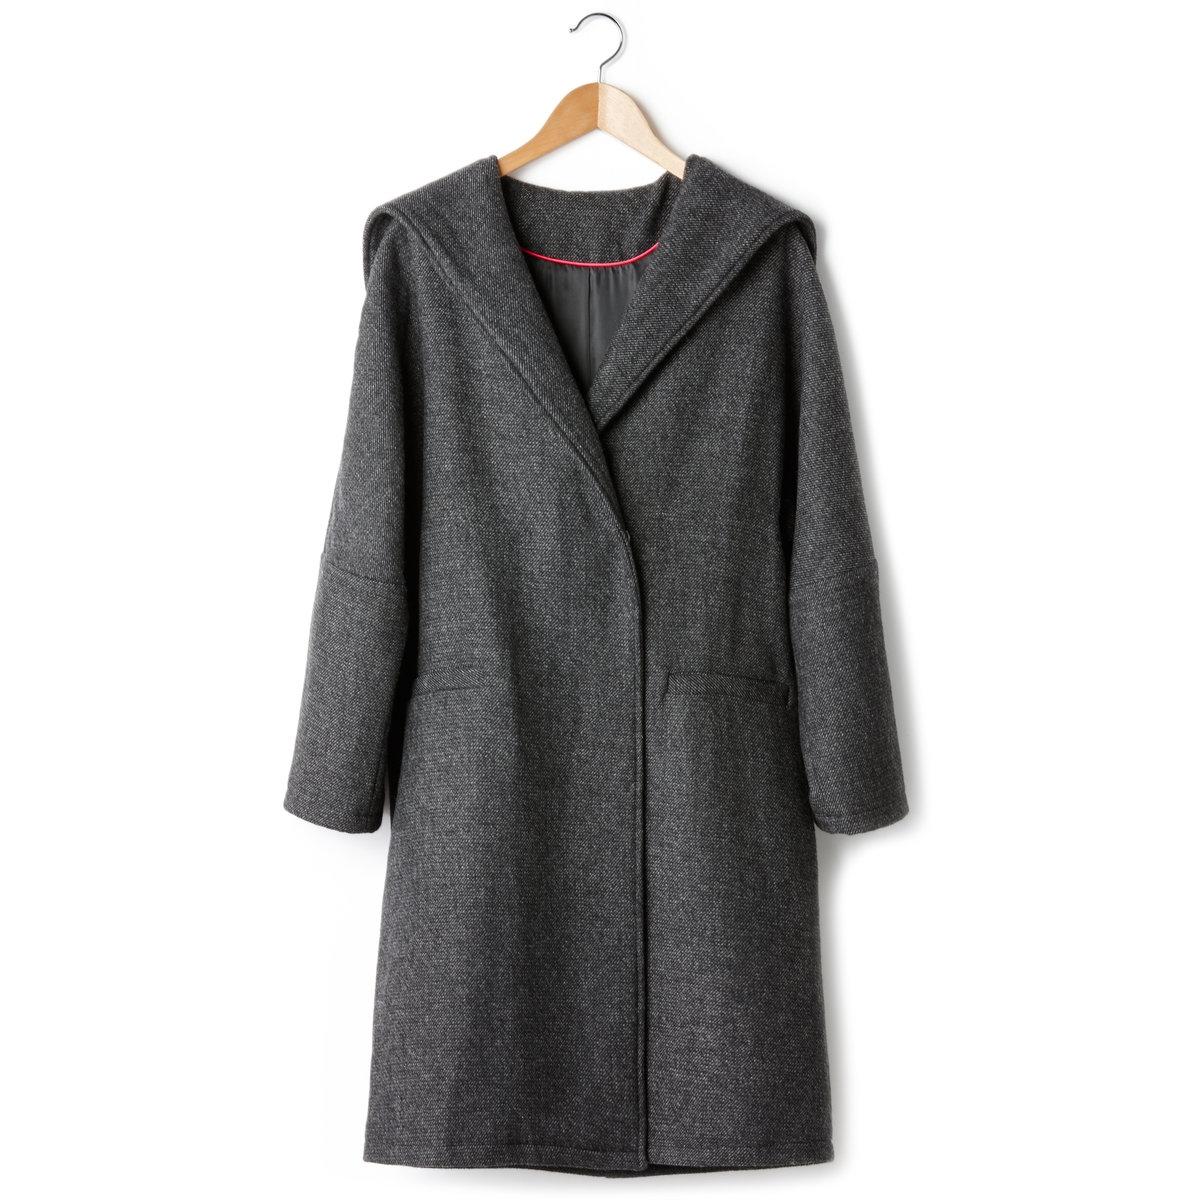 Пальто-кокон с капюшономДлинное пальто-кокон с капюшоном. 2 кармана спереди. Застежка на пуговицу и кнопку.  57% полиэстера, 38% шерсти, 5% других волокон, подкладка: 100% полиэстера. Длина 90 см.<br><br>Цвет: темно-зеленый,черный<br>Размер: 42 (FR) - 48 (RUS).34 (FR) - 40 (RUS).38 (FR) - 44 (RUS).40 (FR) - 46 (RUS).38 (FR) - 44 (RUS).40 (FR) - 46 (RUS).44 (FR) - 50 (RUS).34 (FR) - 40 (RUS).48 (FR) - 54 (RUS)